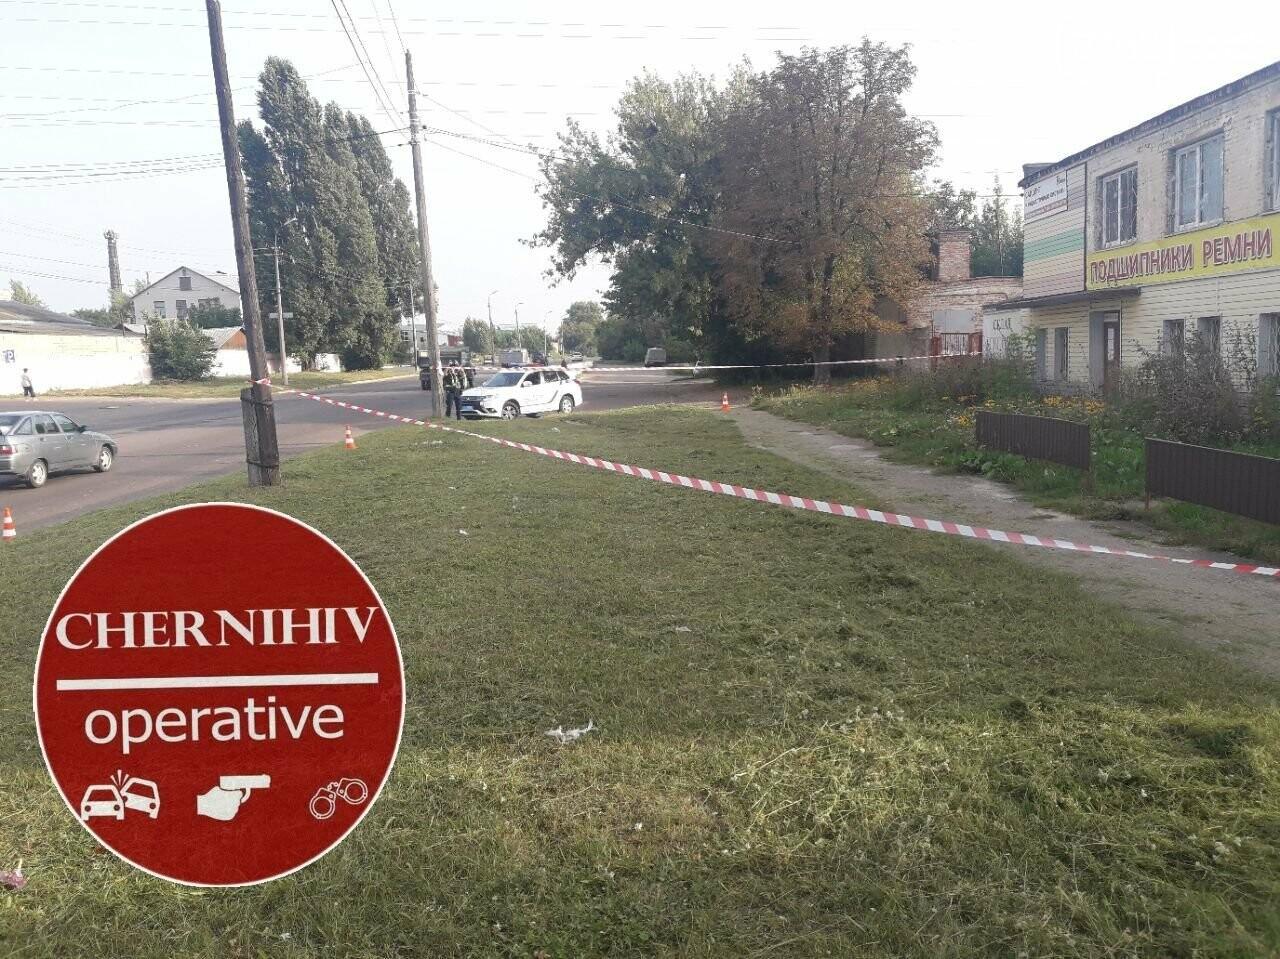 У Чернігові на вулиці знайшли небезпечні предмети схожі на гранати, фото-1